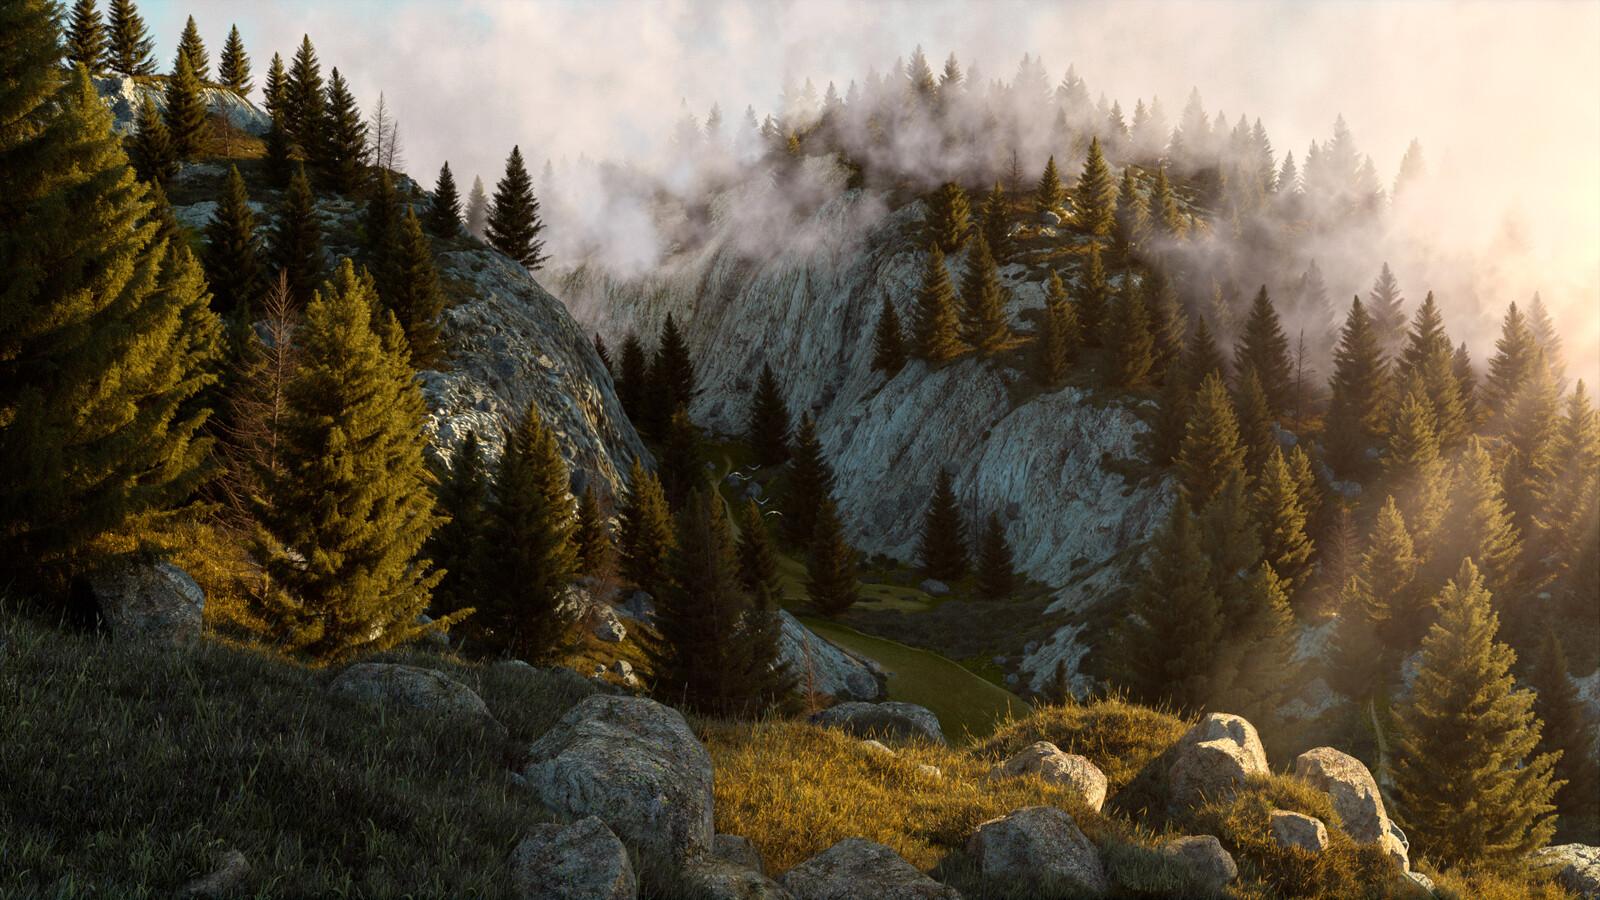 The Valley - Full Frame